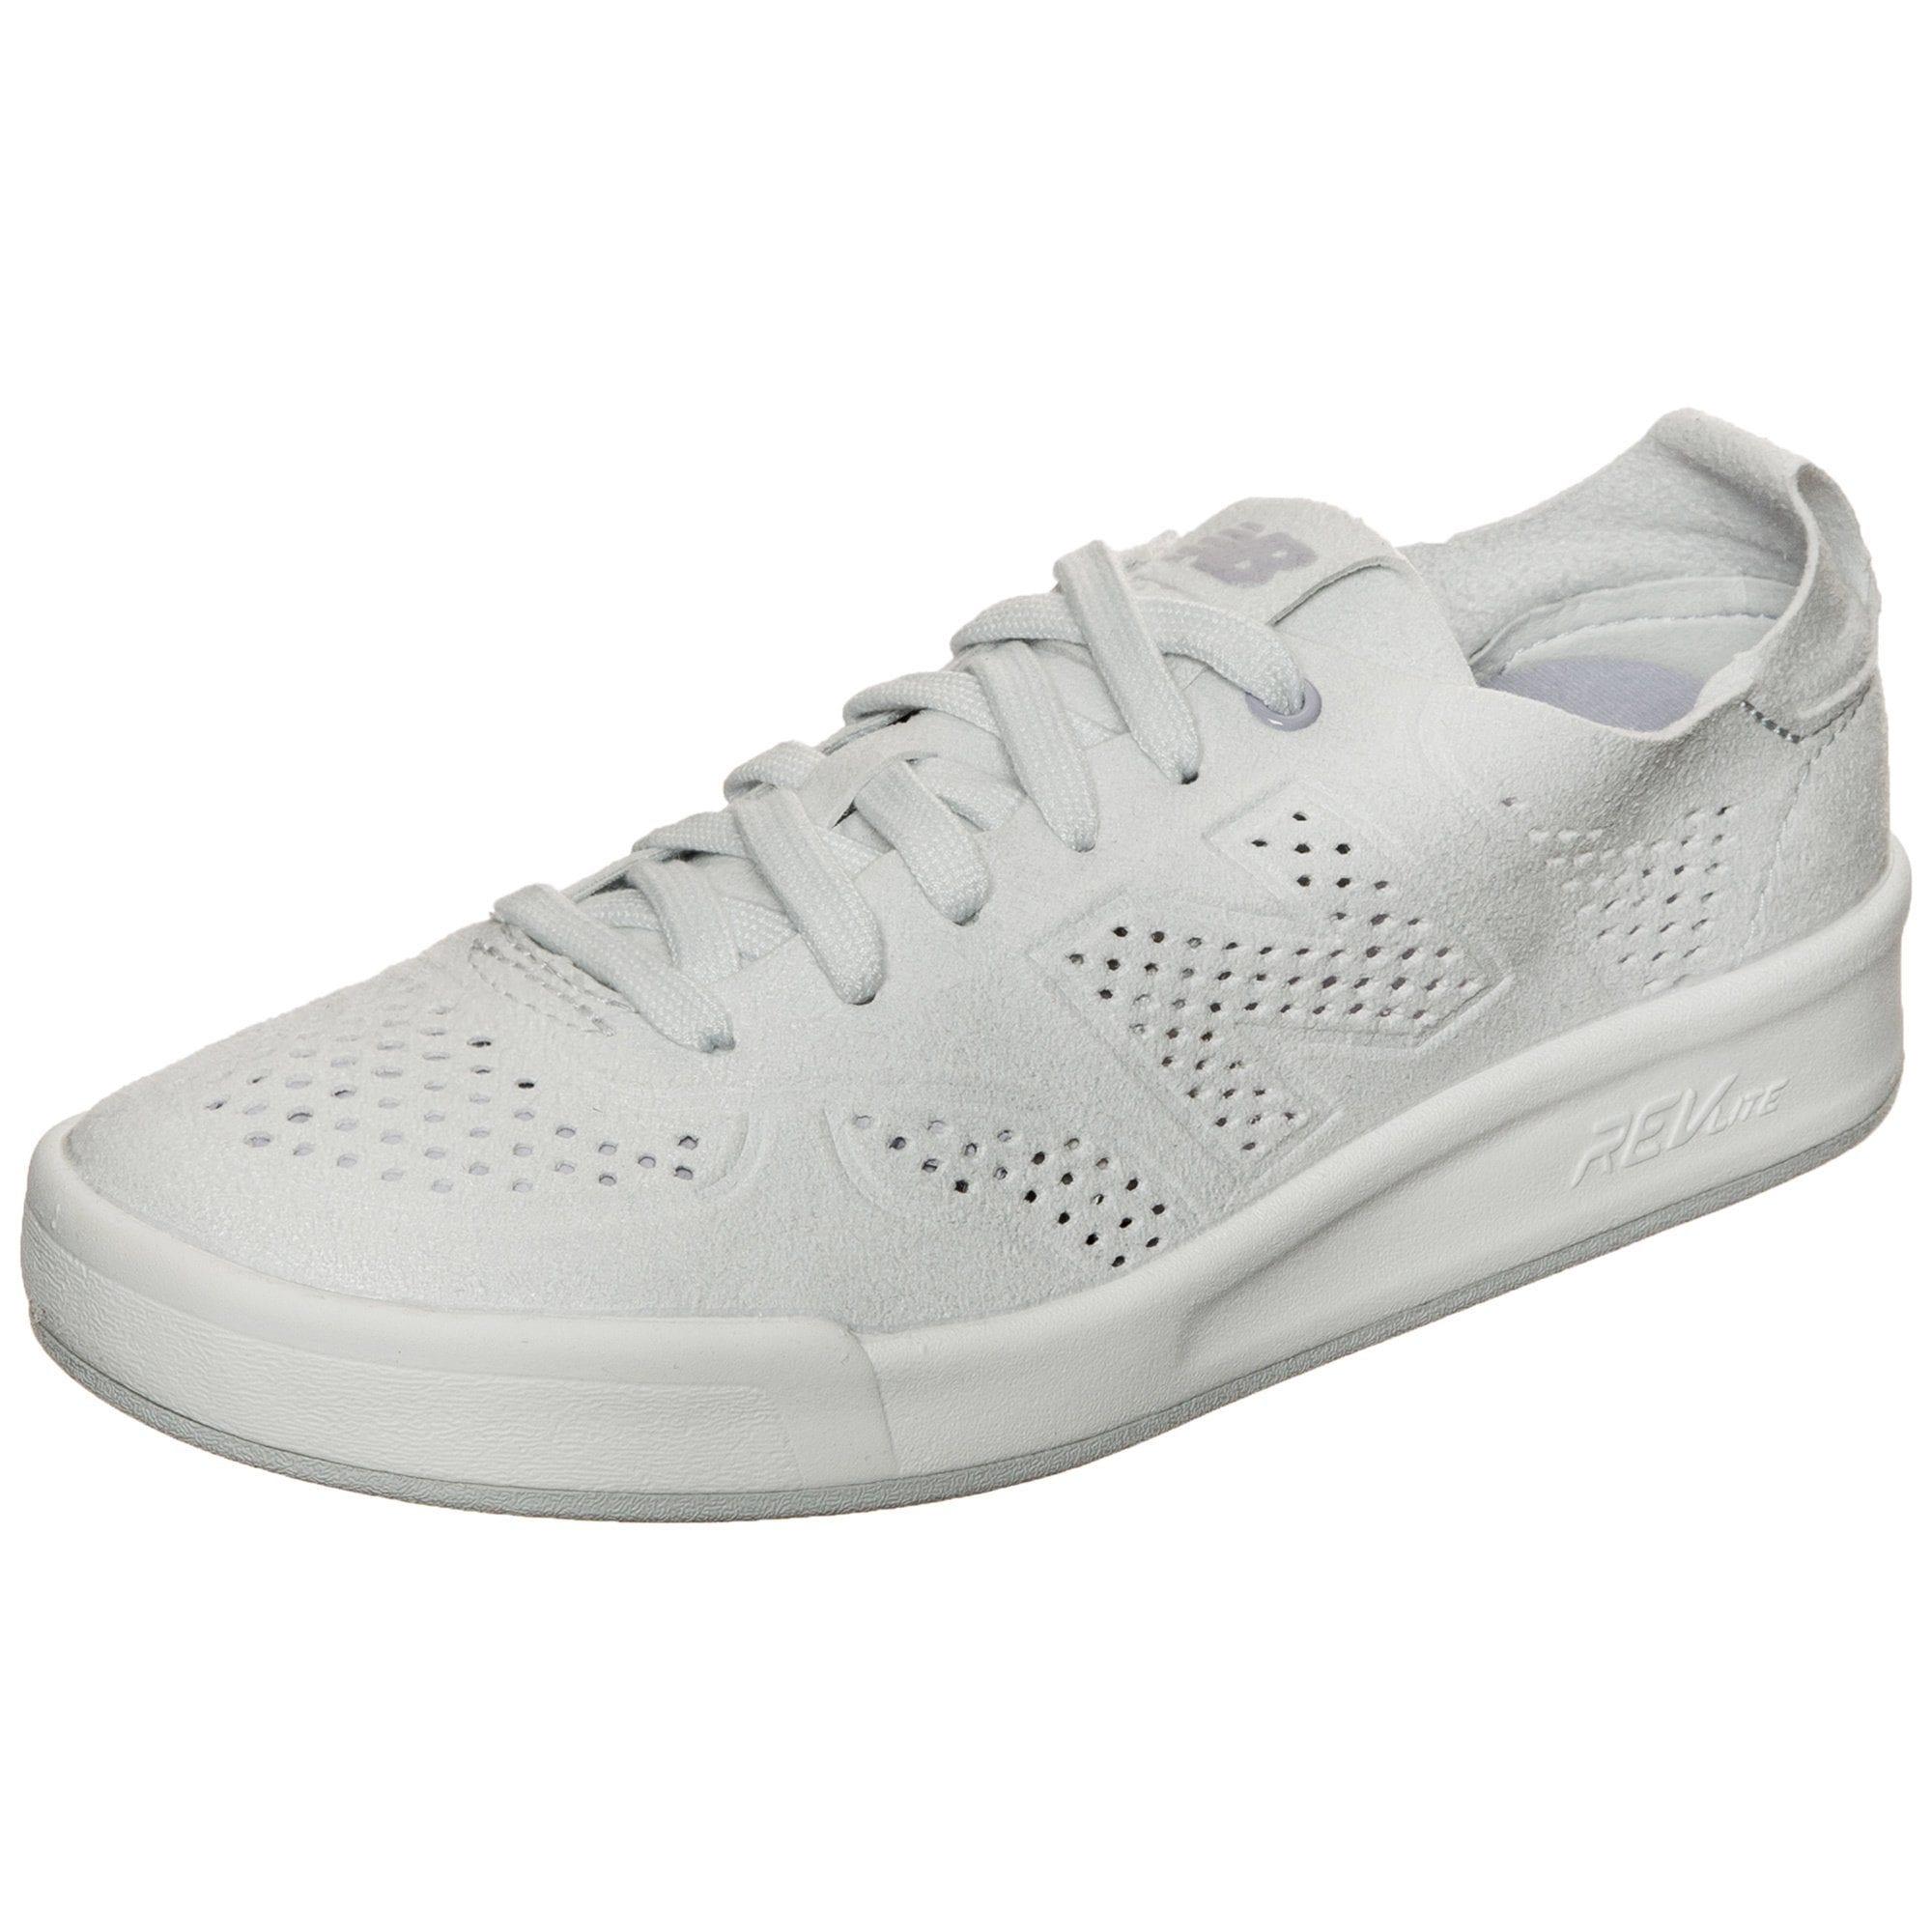 New Balance Sneaker es  ;Wrt300-db-b online   Gutes Preis-Leistungs-Verhältnis, es Sneaker lohnt sich,Boutique5964 ca407a